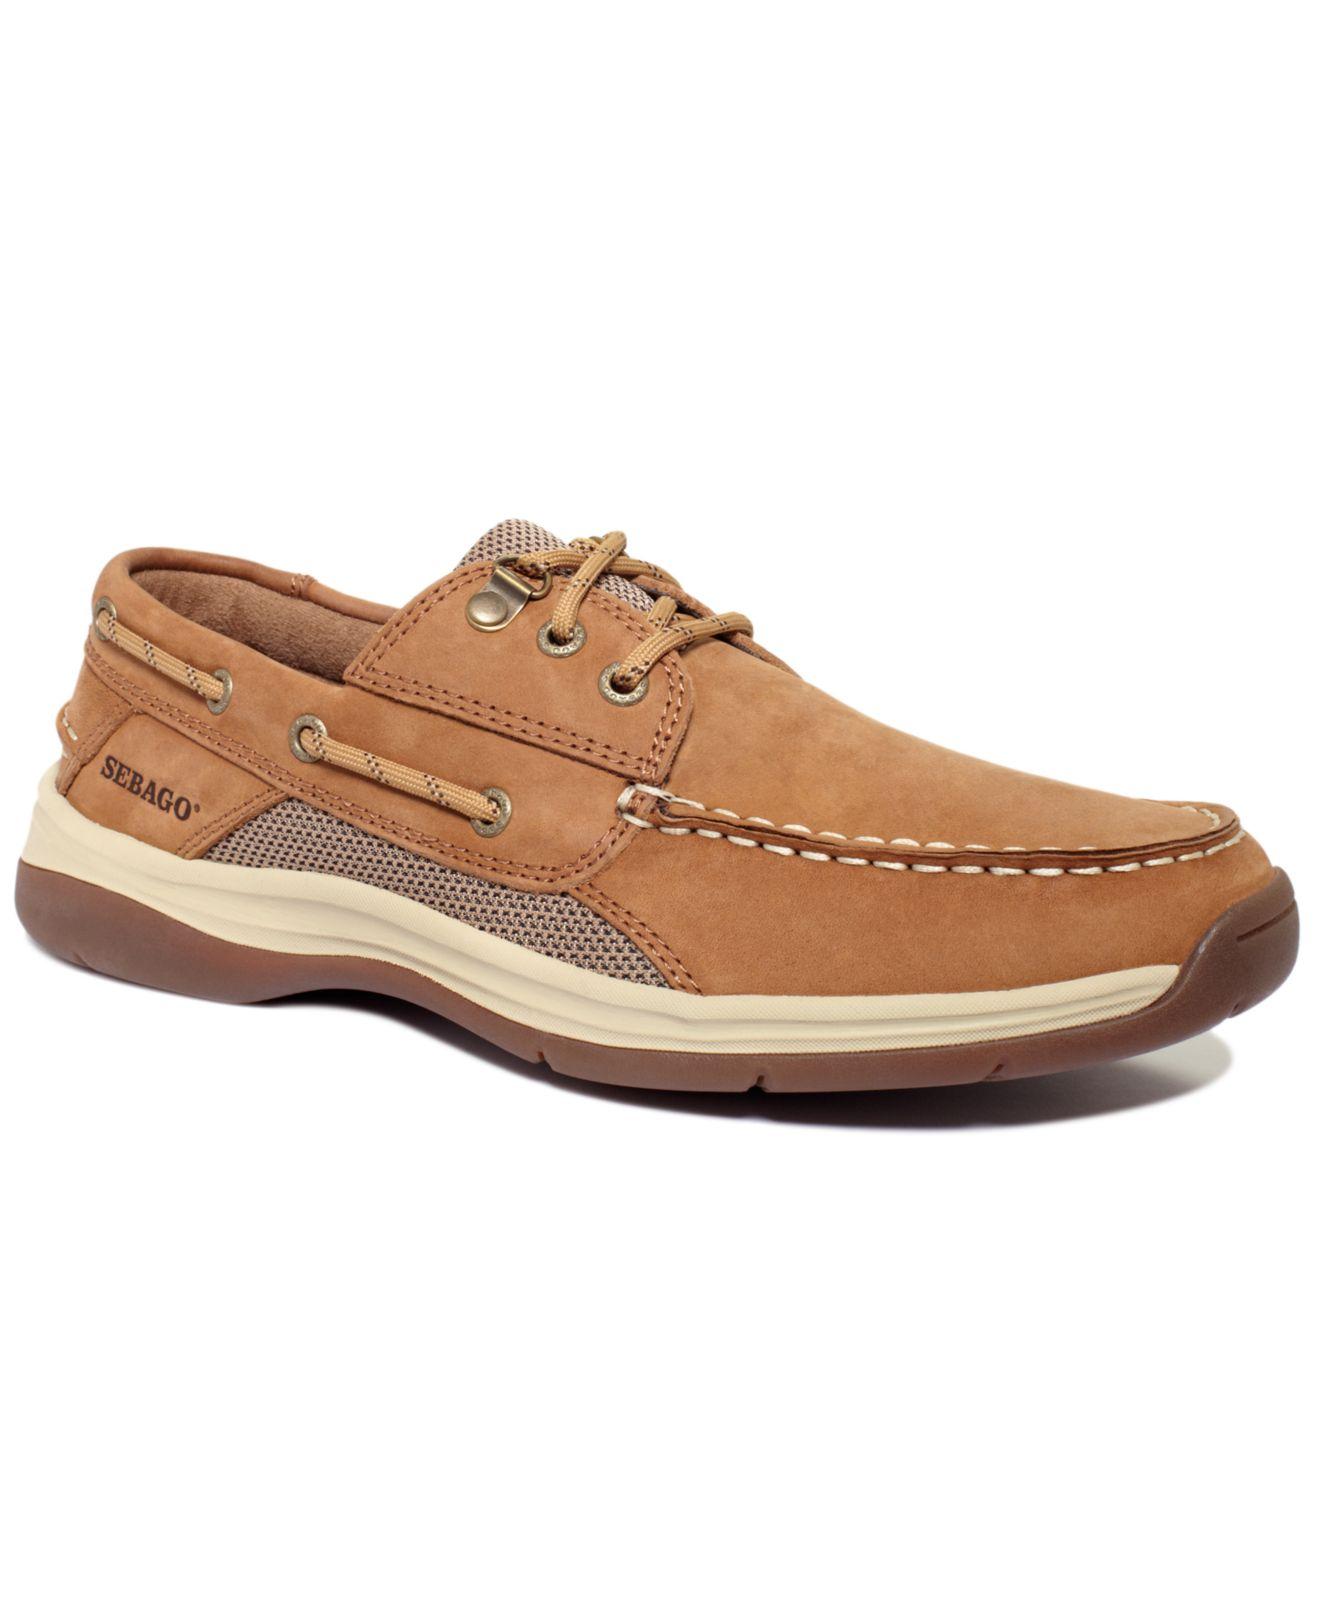 Yacht Shoes Men